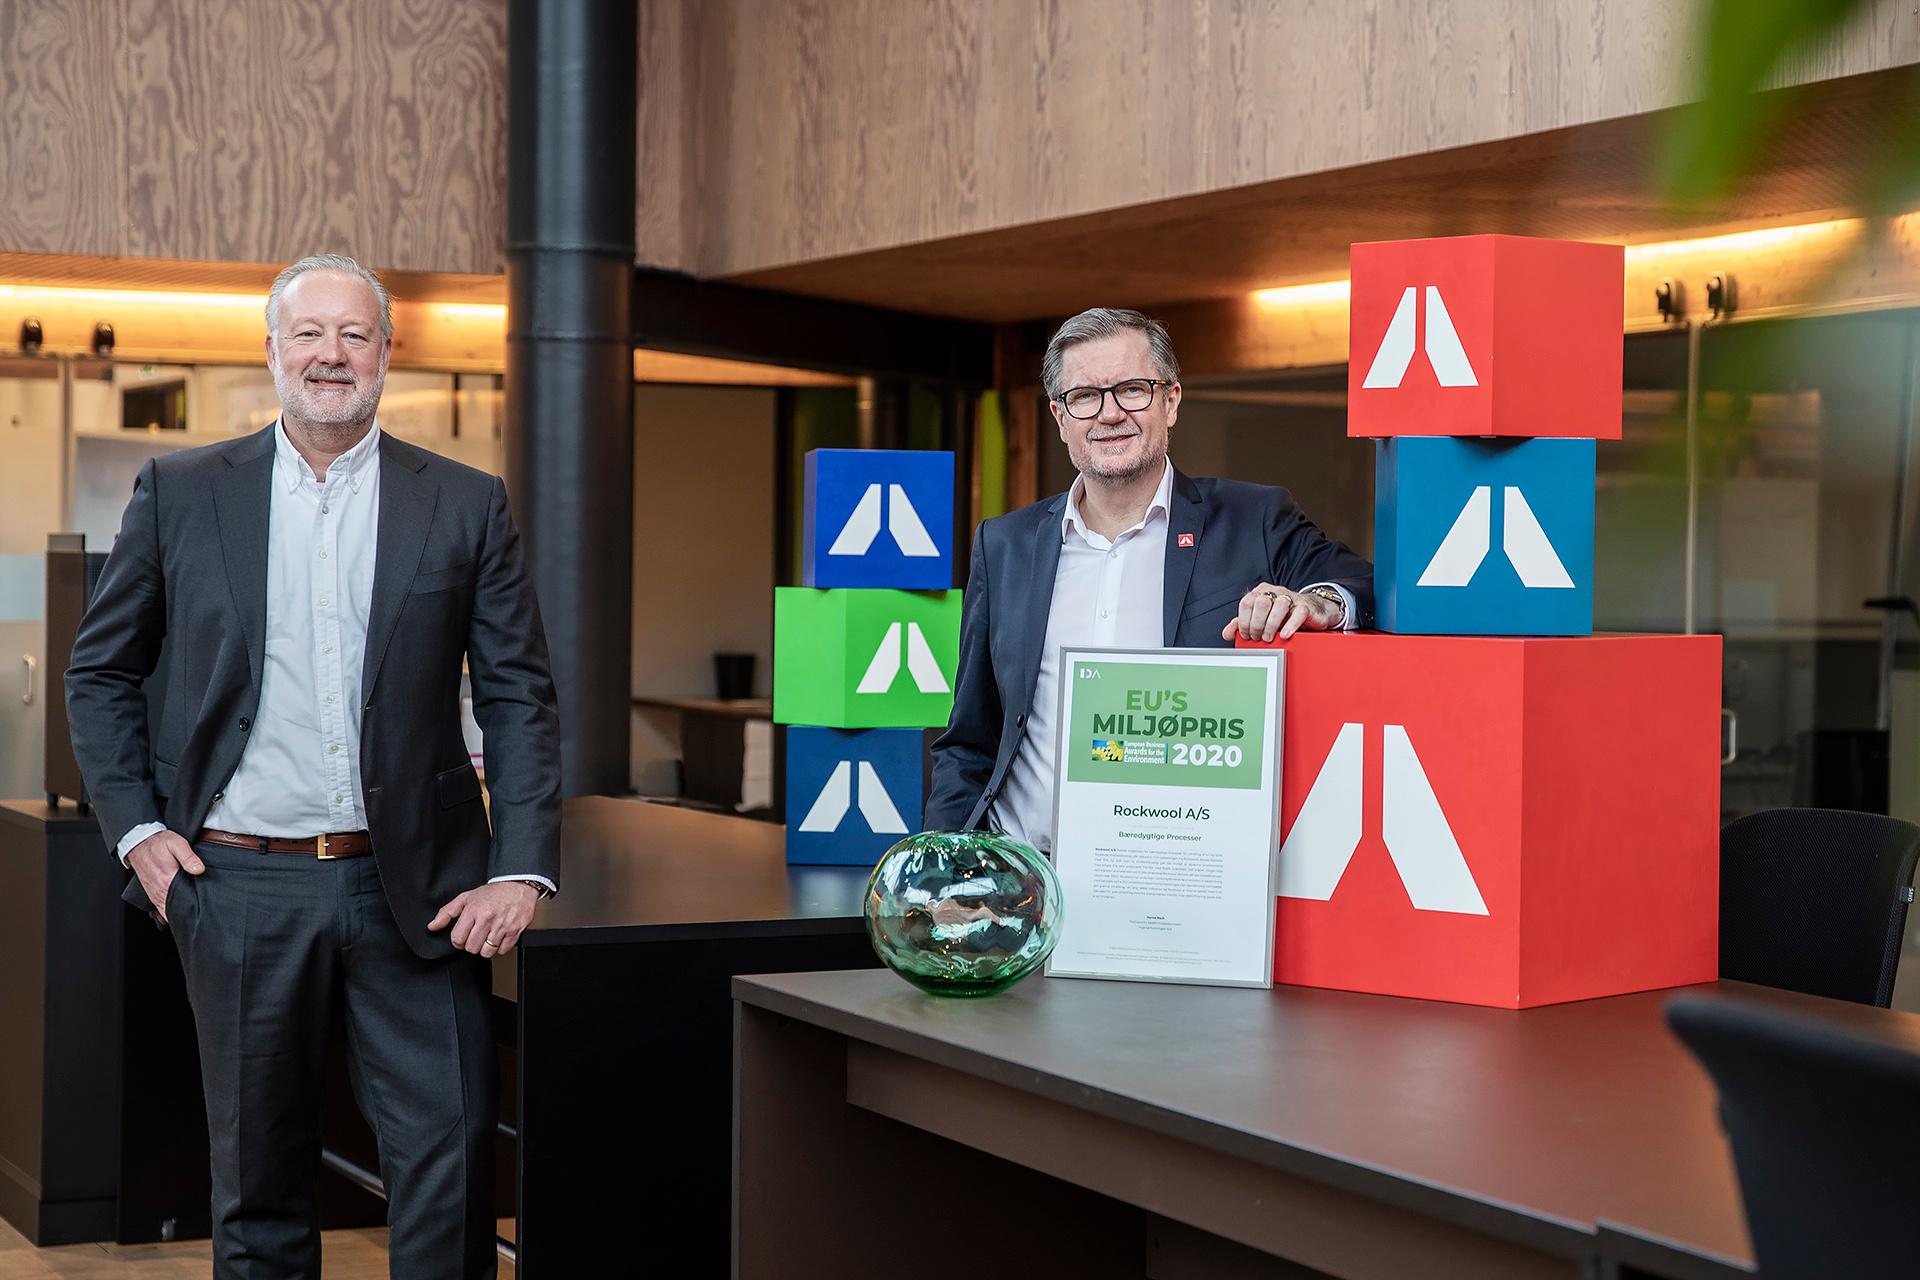 ROCKWOOL får EU's miljøpris i Danmark for bæredygtige produktionsprocesser